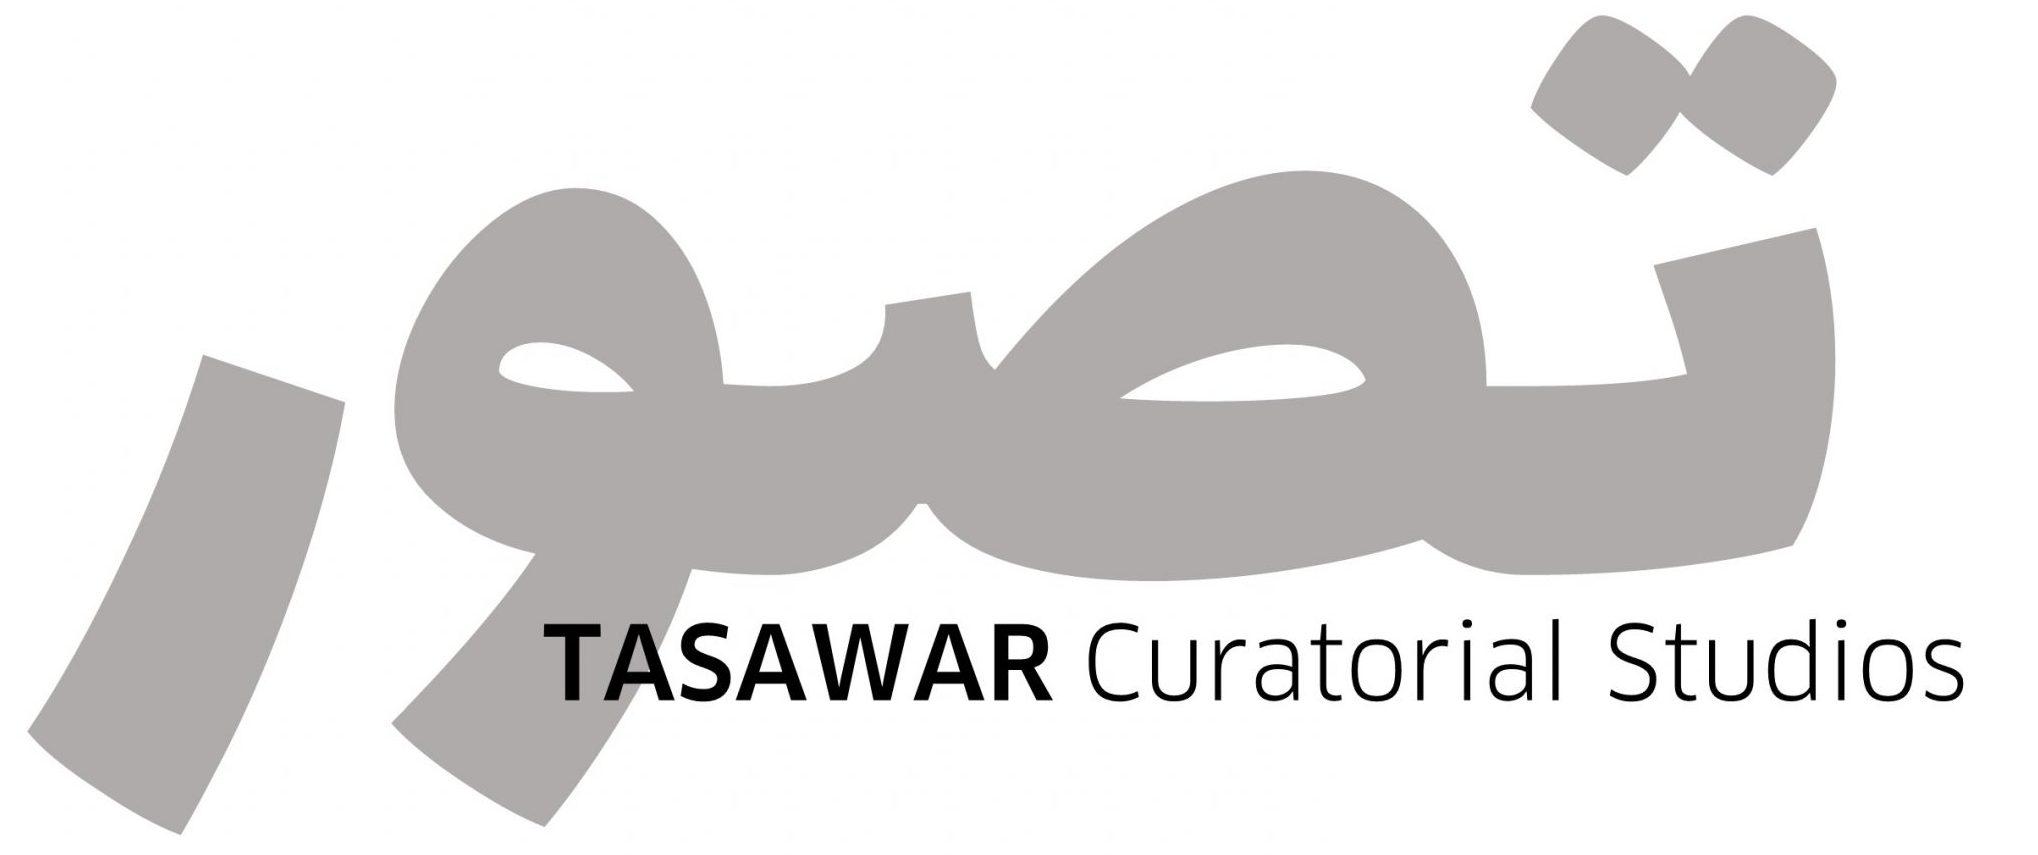 TASAWAR